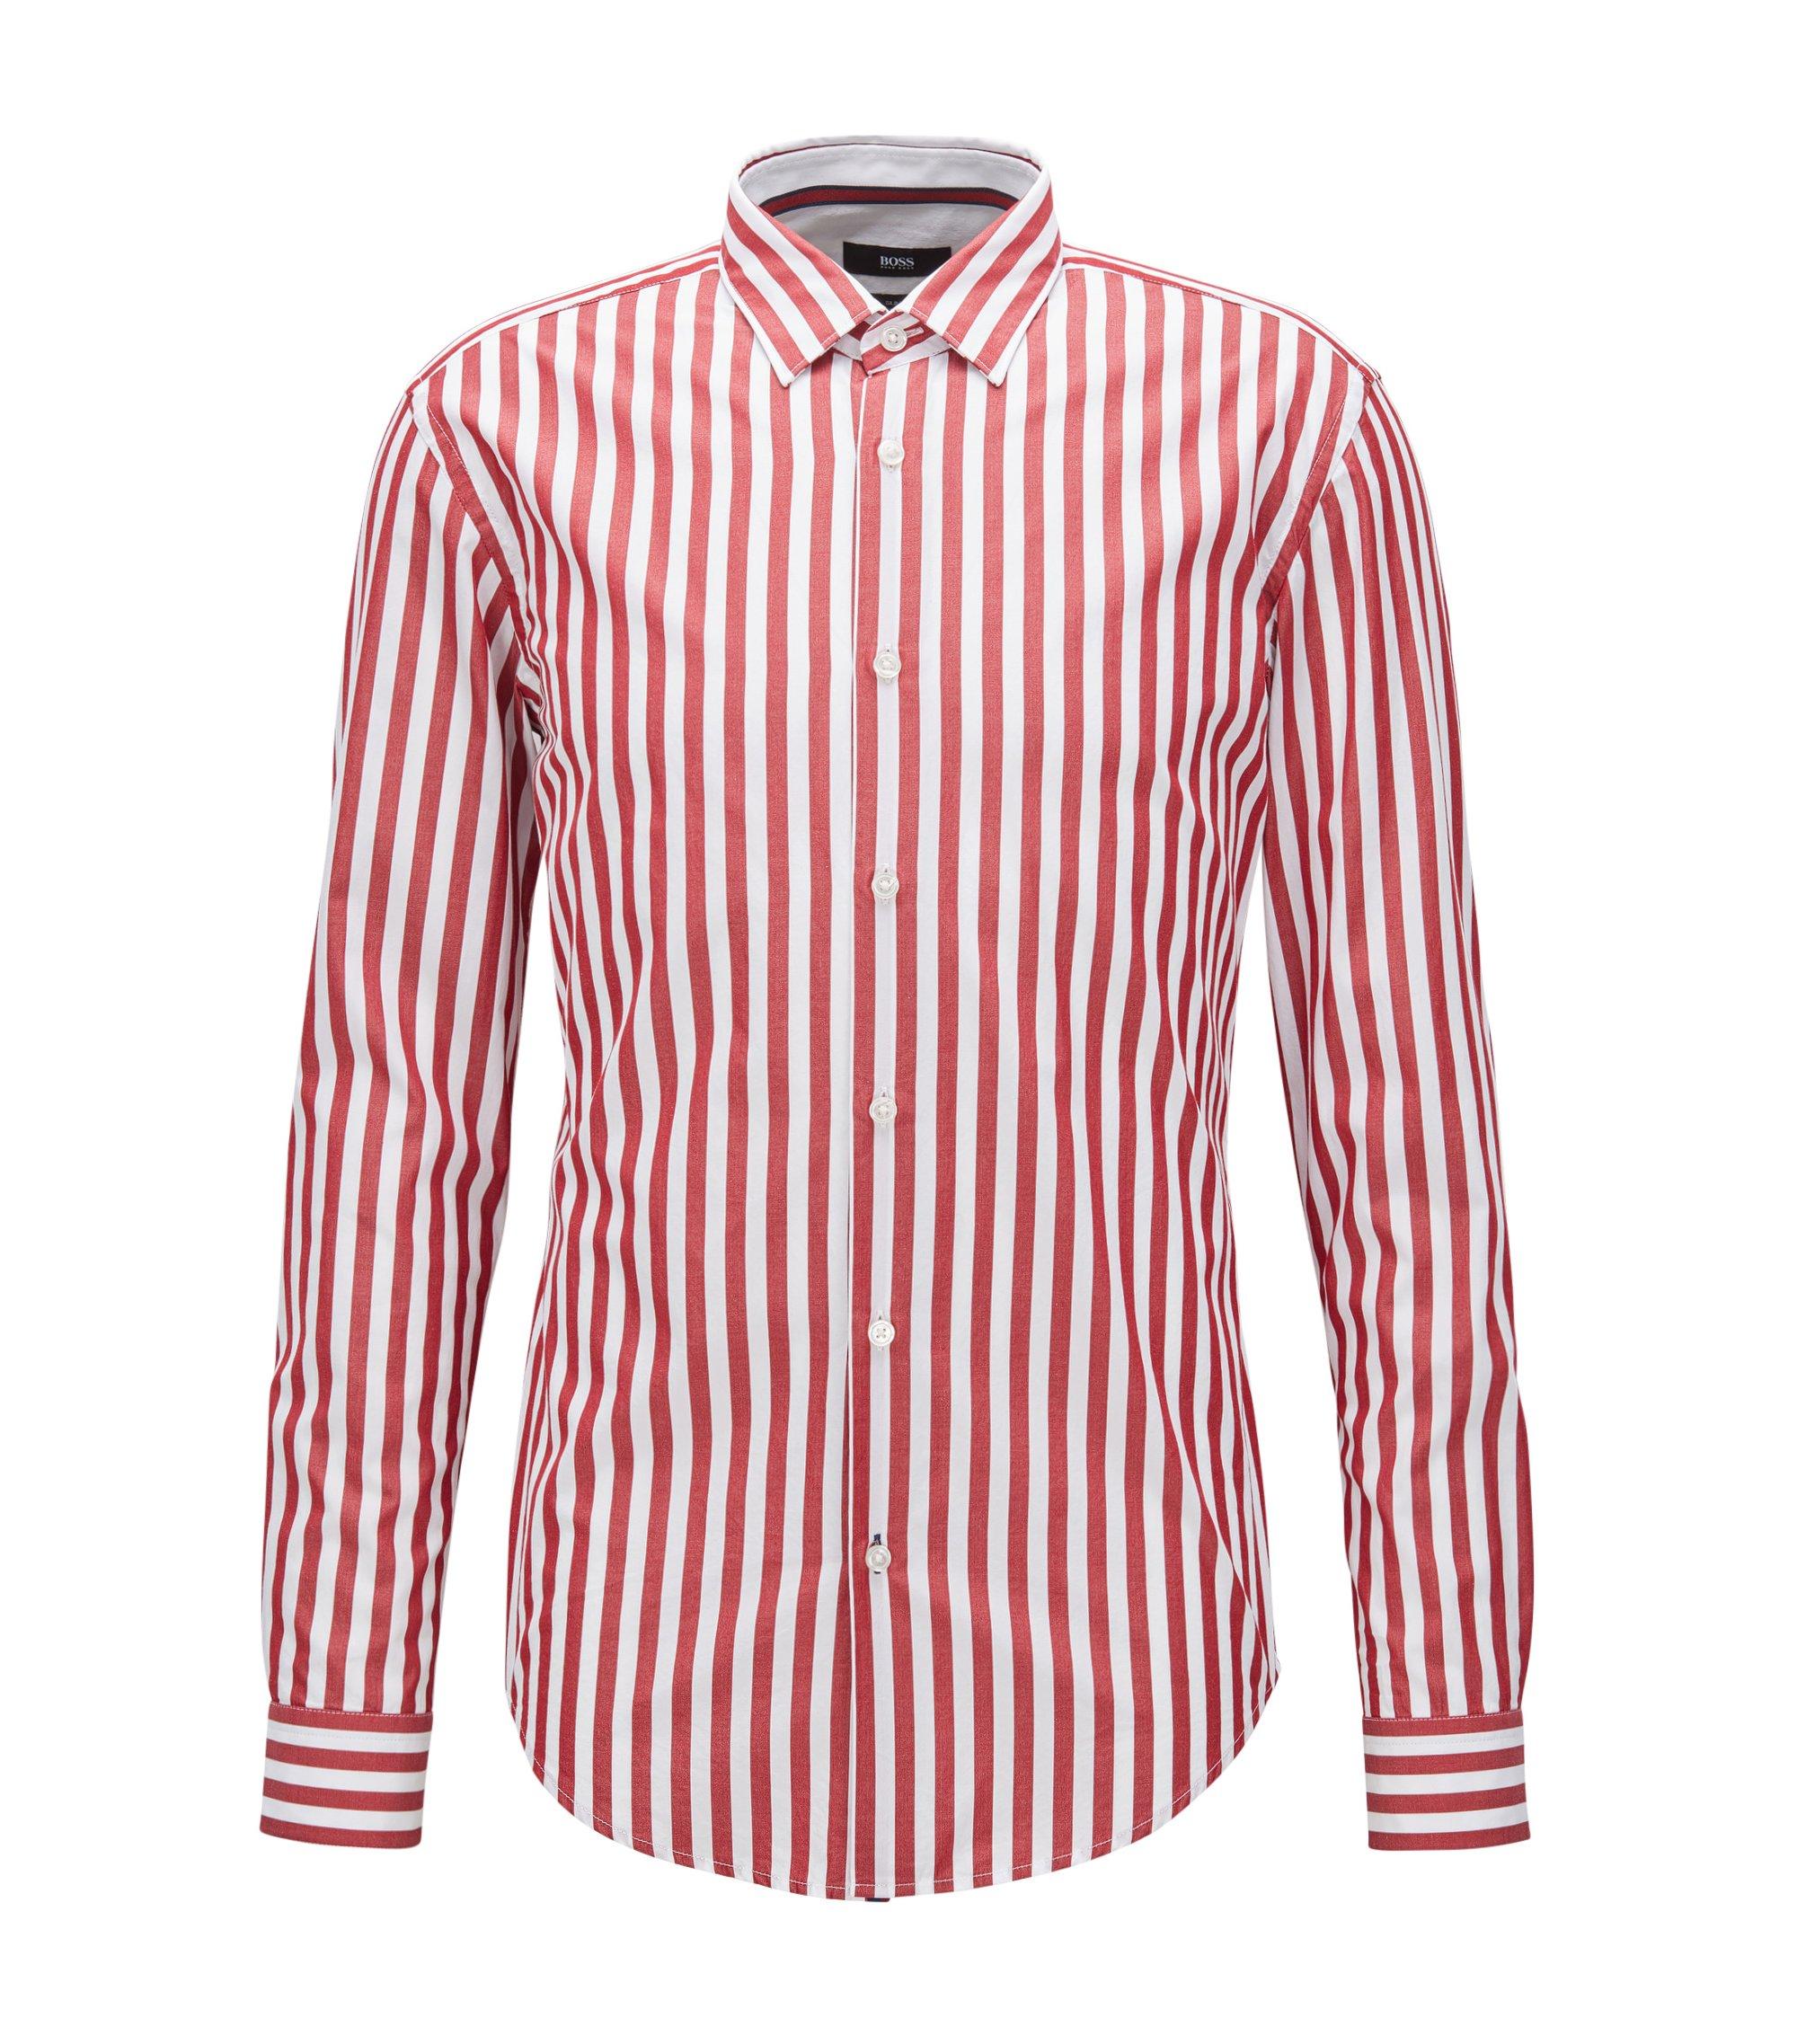 Camicia slim fit in cotone lavato a righe larghe, Rosso